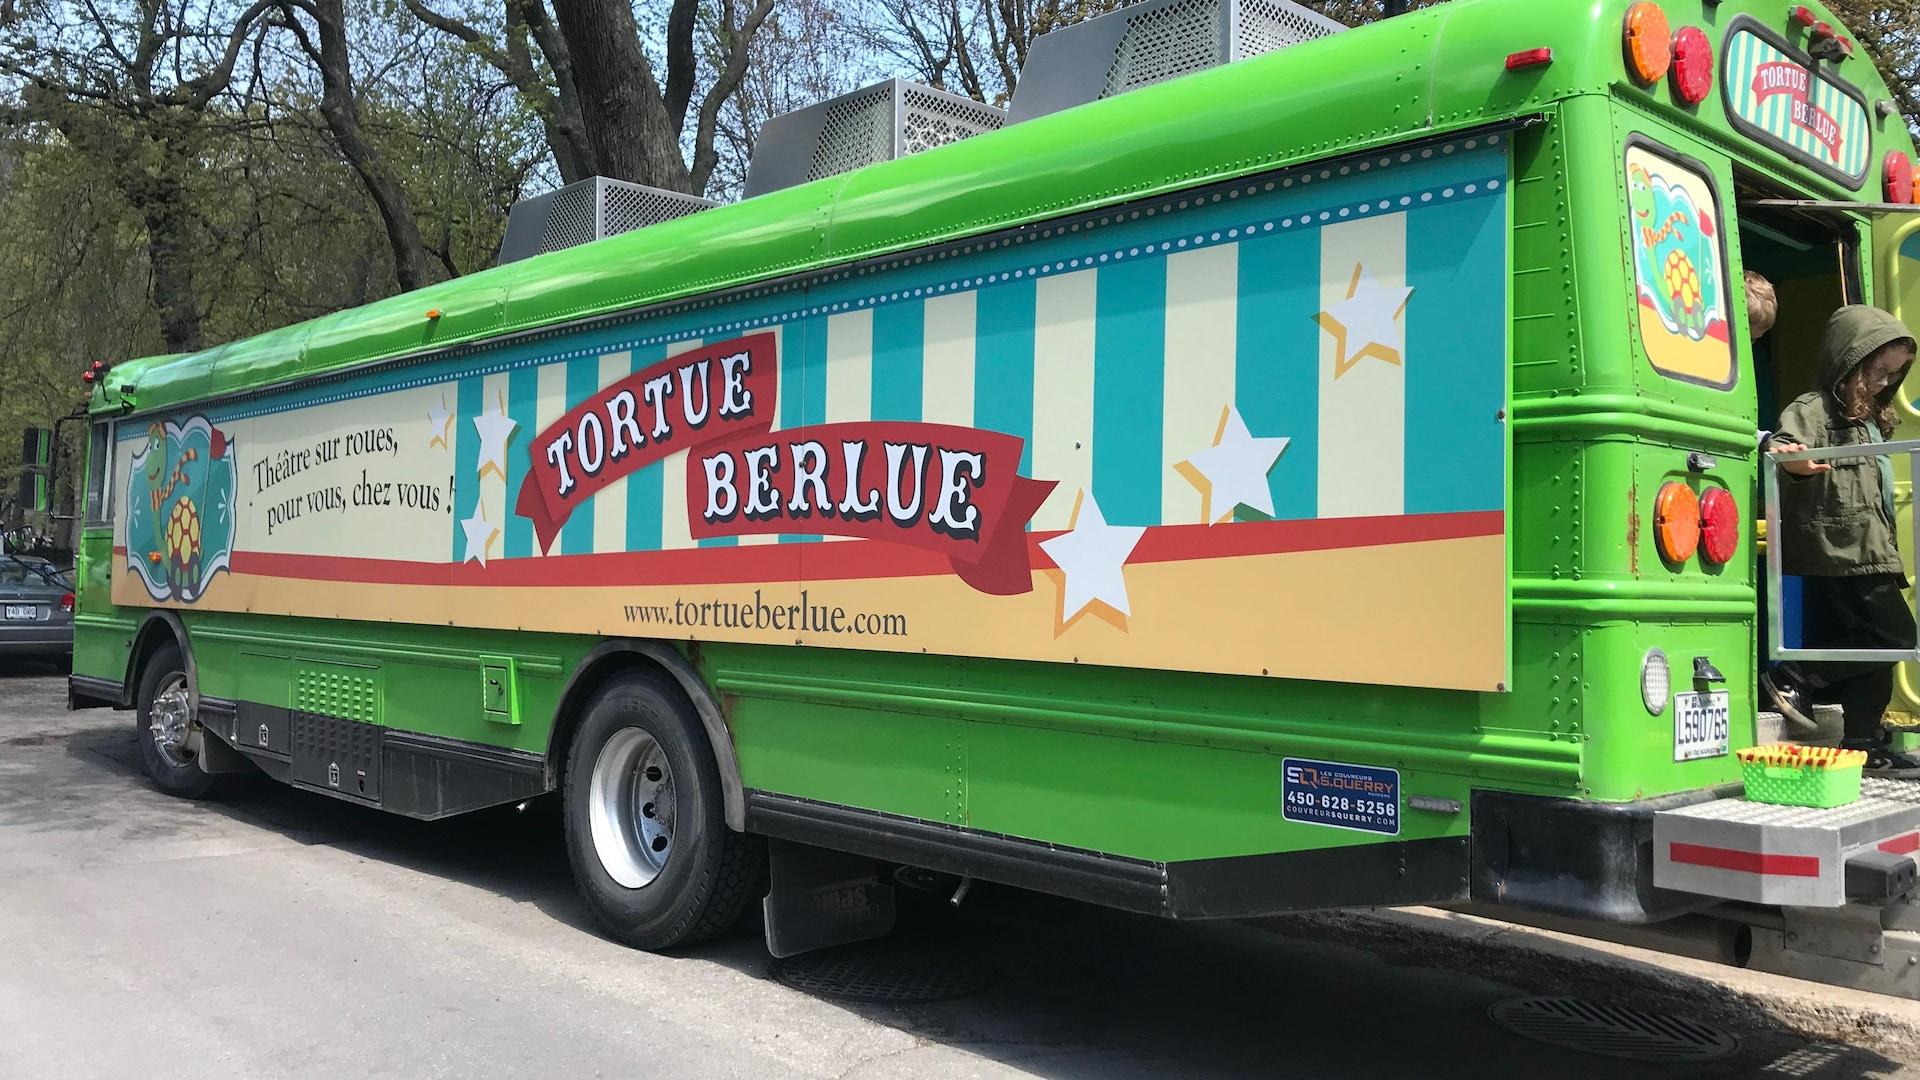 L'autobus du théâtre Tortue Berlue est stationné à côté d'un parc.